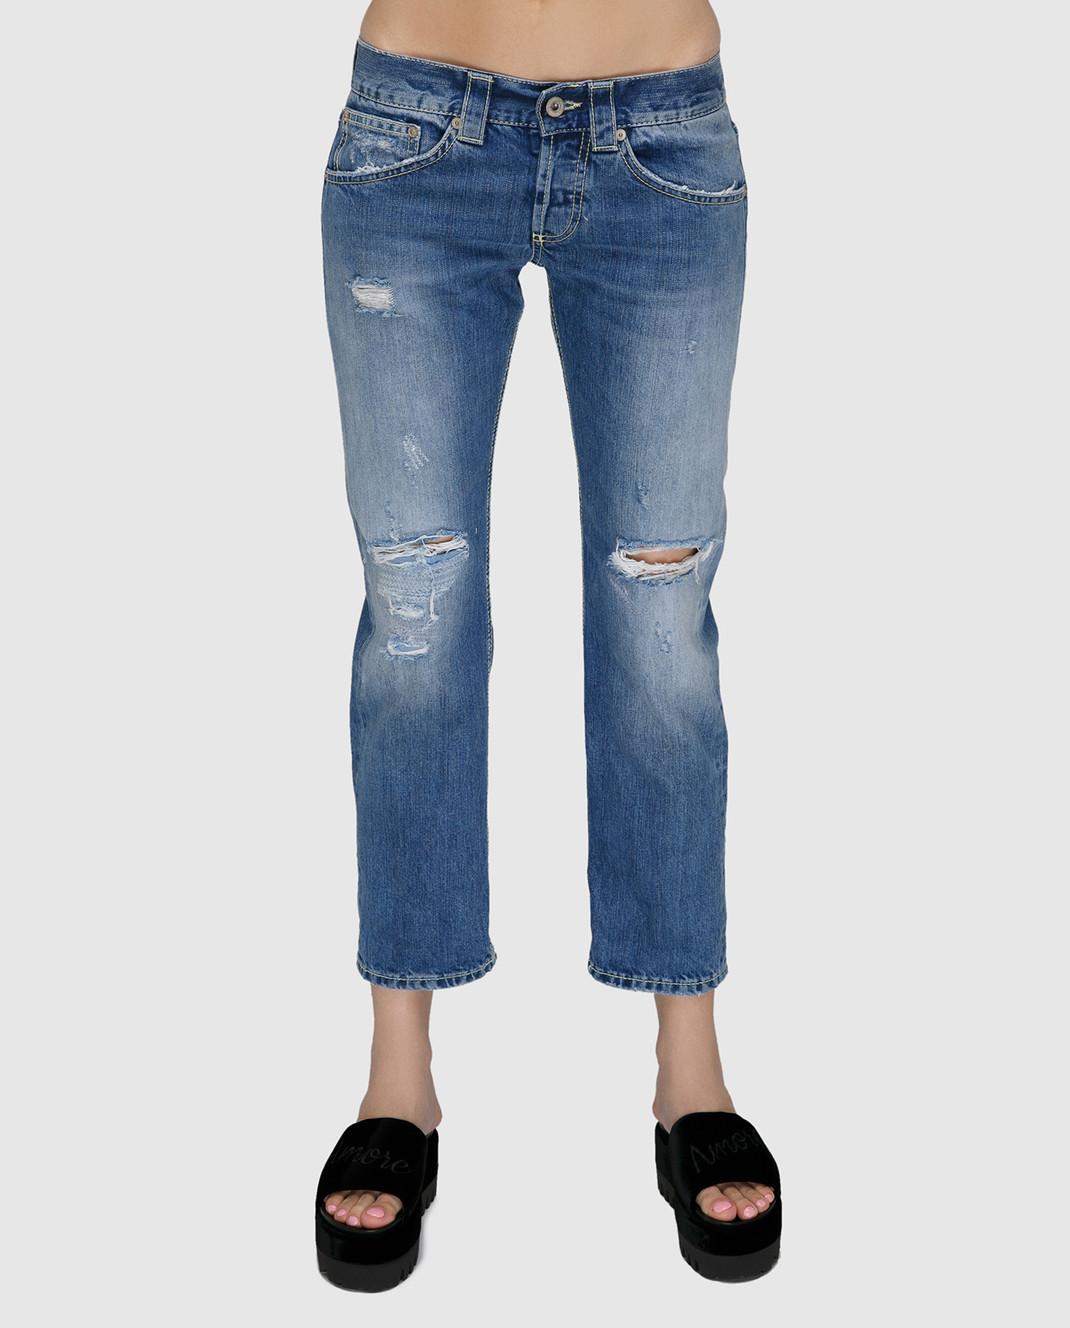 Dondup Синие джинсы P857DF140DO66 изображение 3